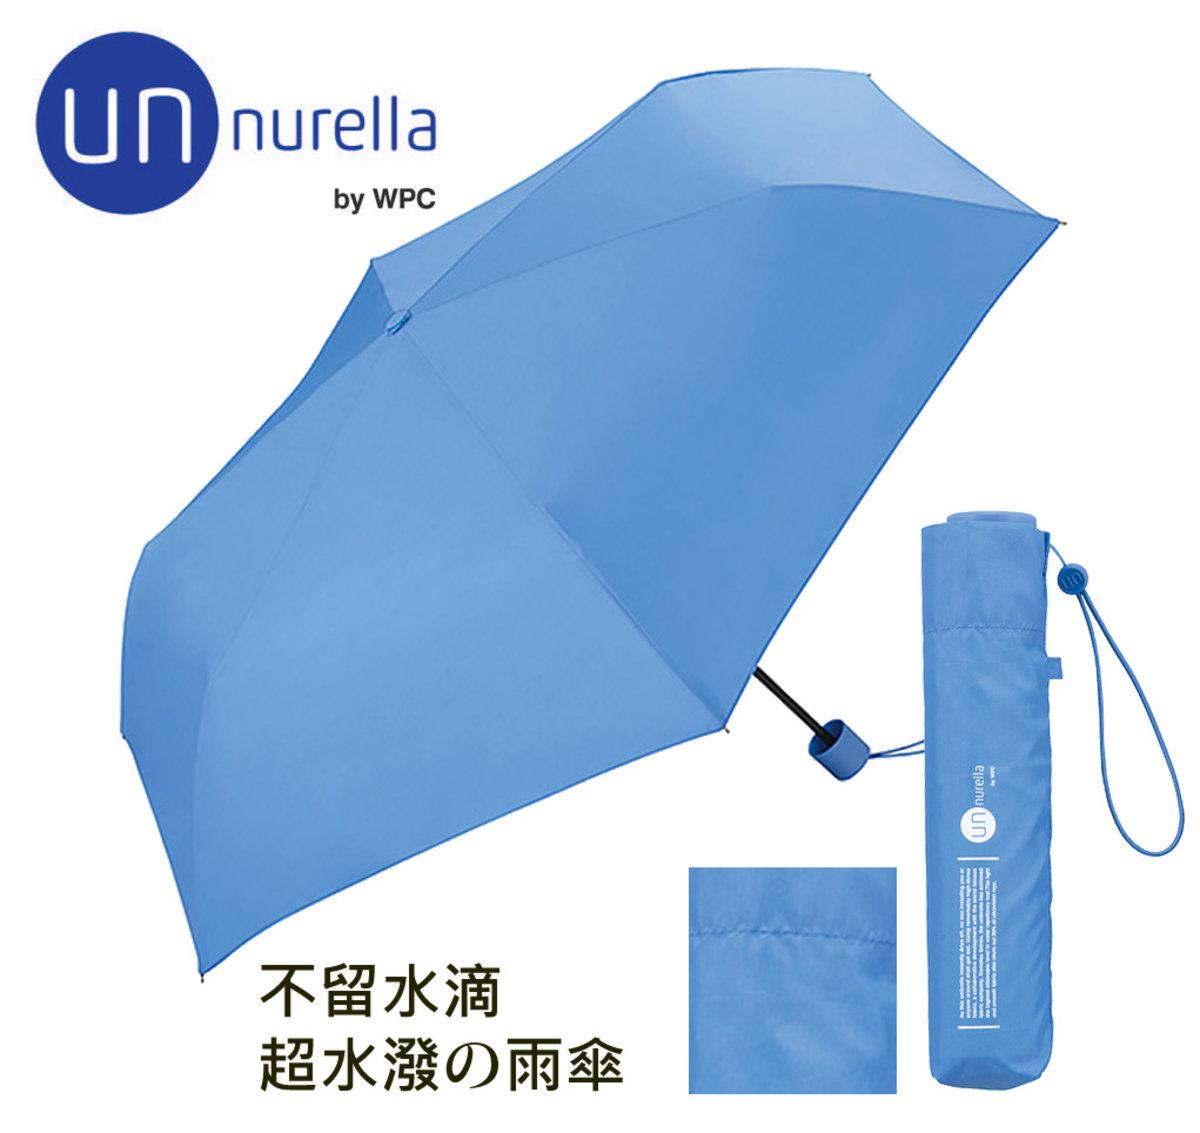 雨水一秒彈開 ‧日本雨傘專家 - 不沾水伸縮雨遮- 藍色